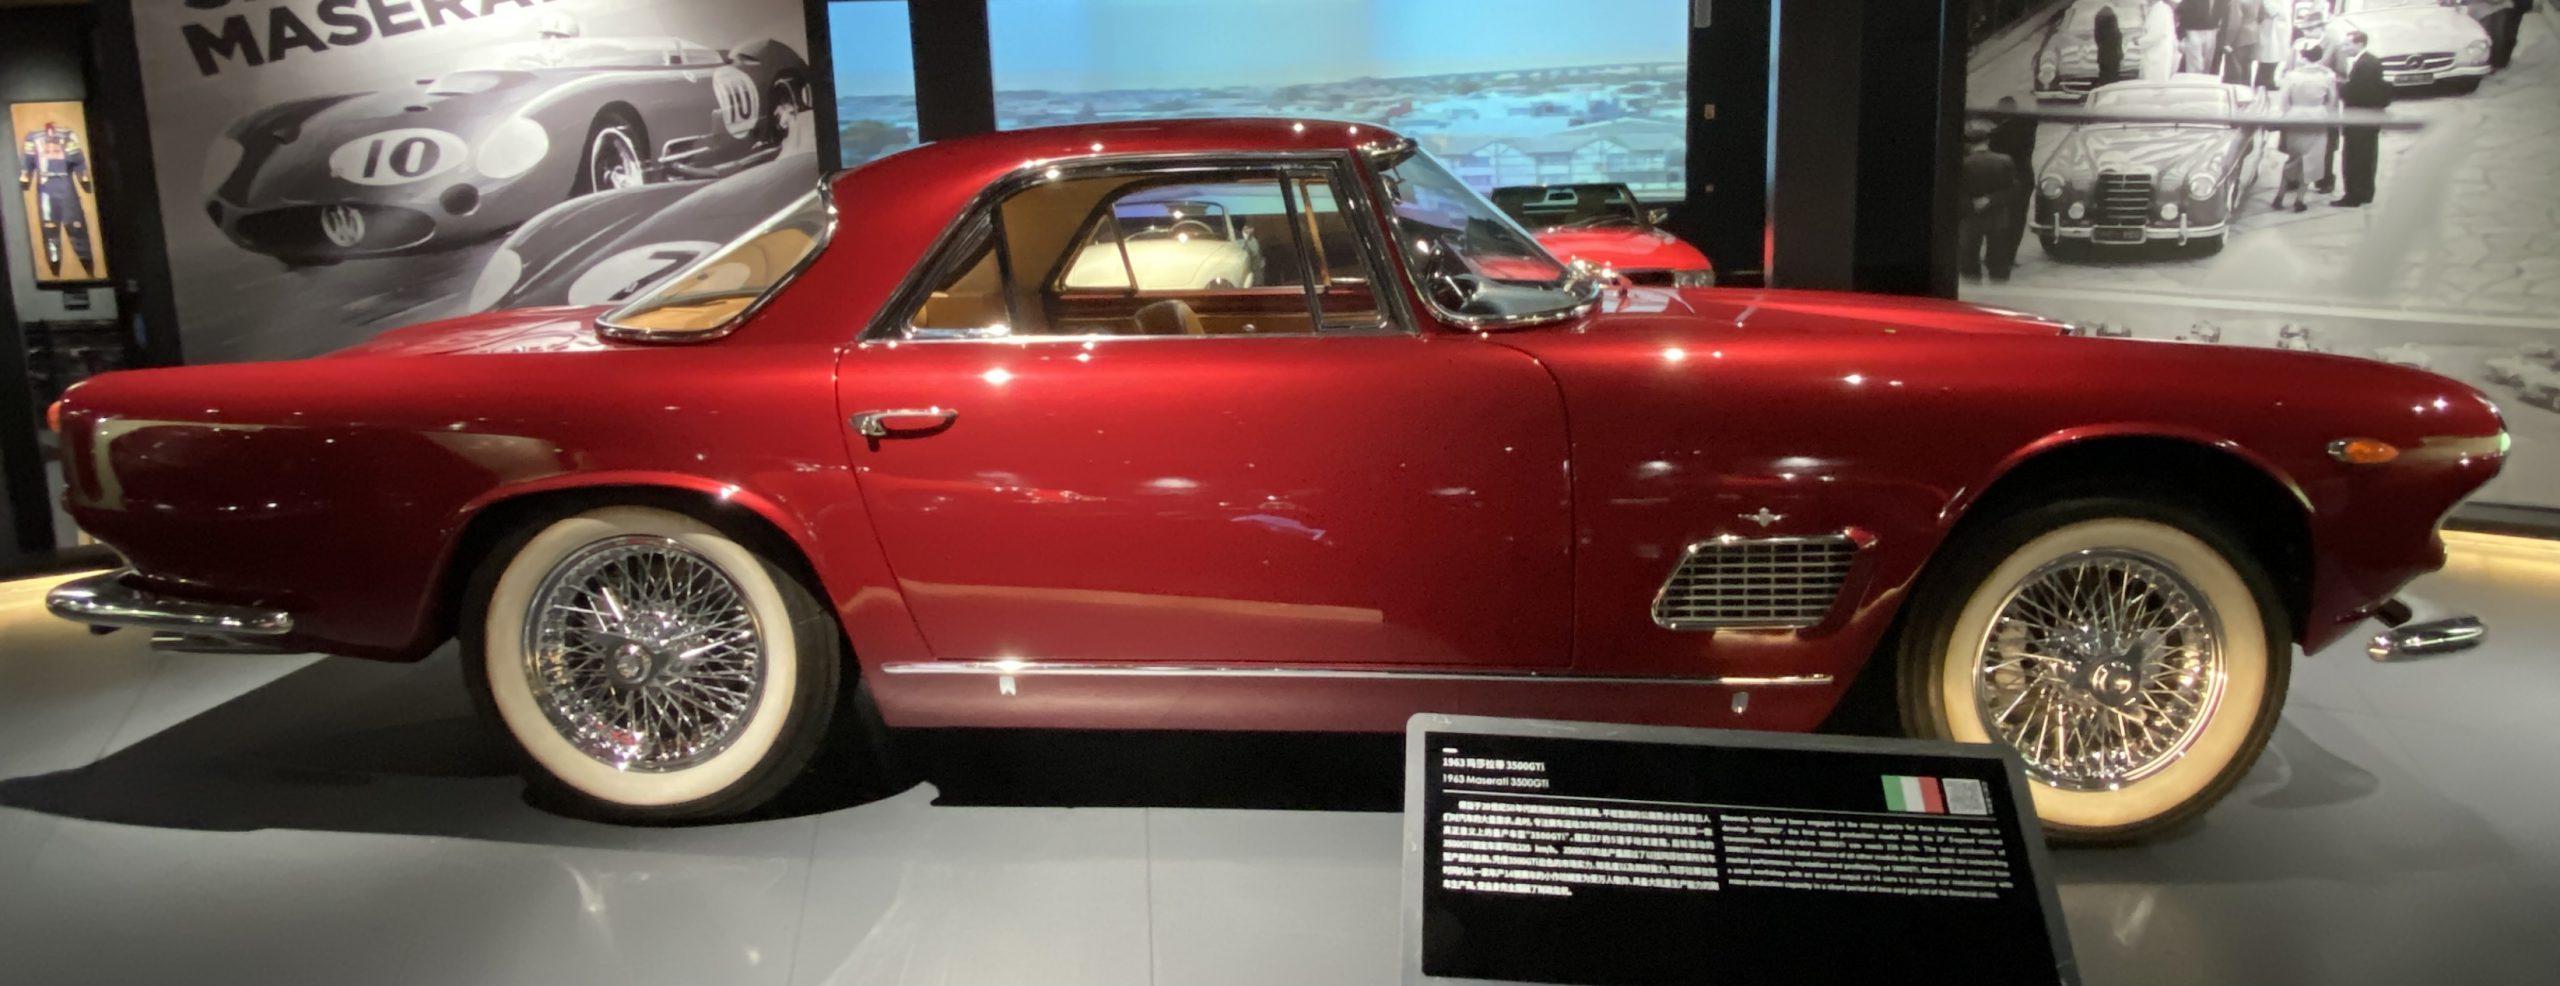 1963年マセラティ3500GTI-1963 Maserati 3500GTI-常設展-三和老爺車博物館-成都市-四川省